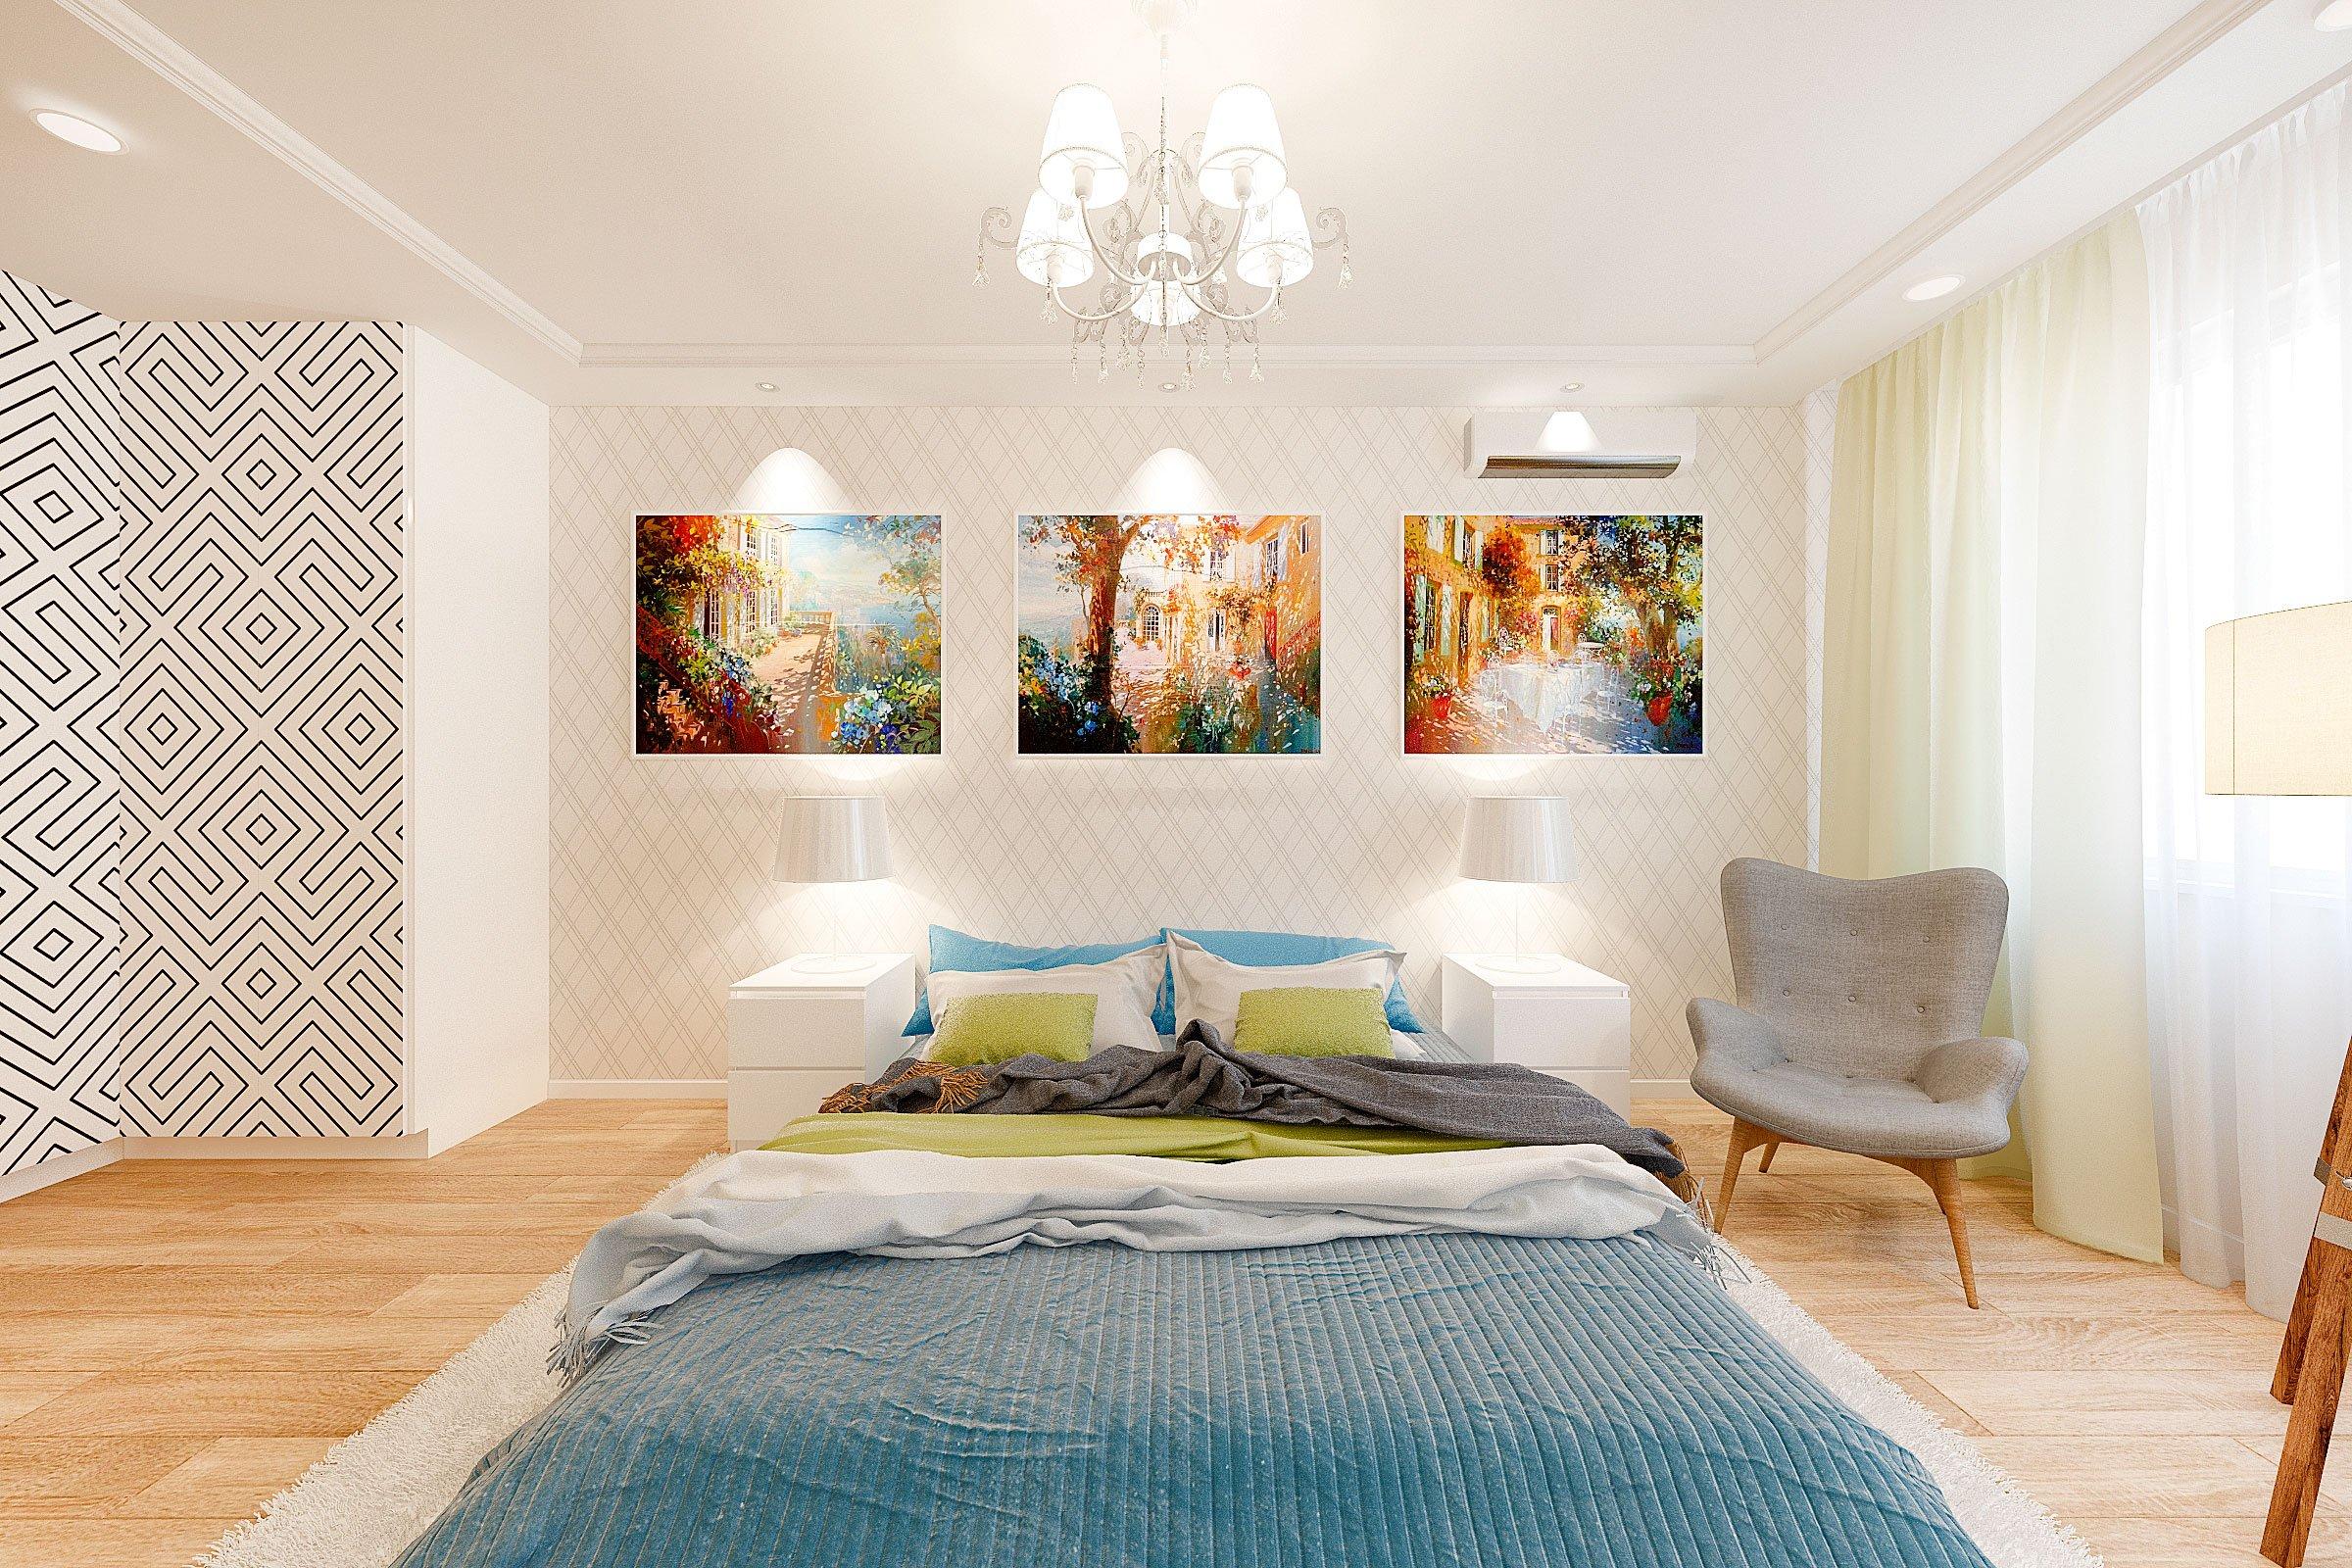 дизайн интерьера спальни в скандинавском стиле, Гомель 2018, фото №3